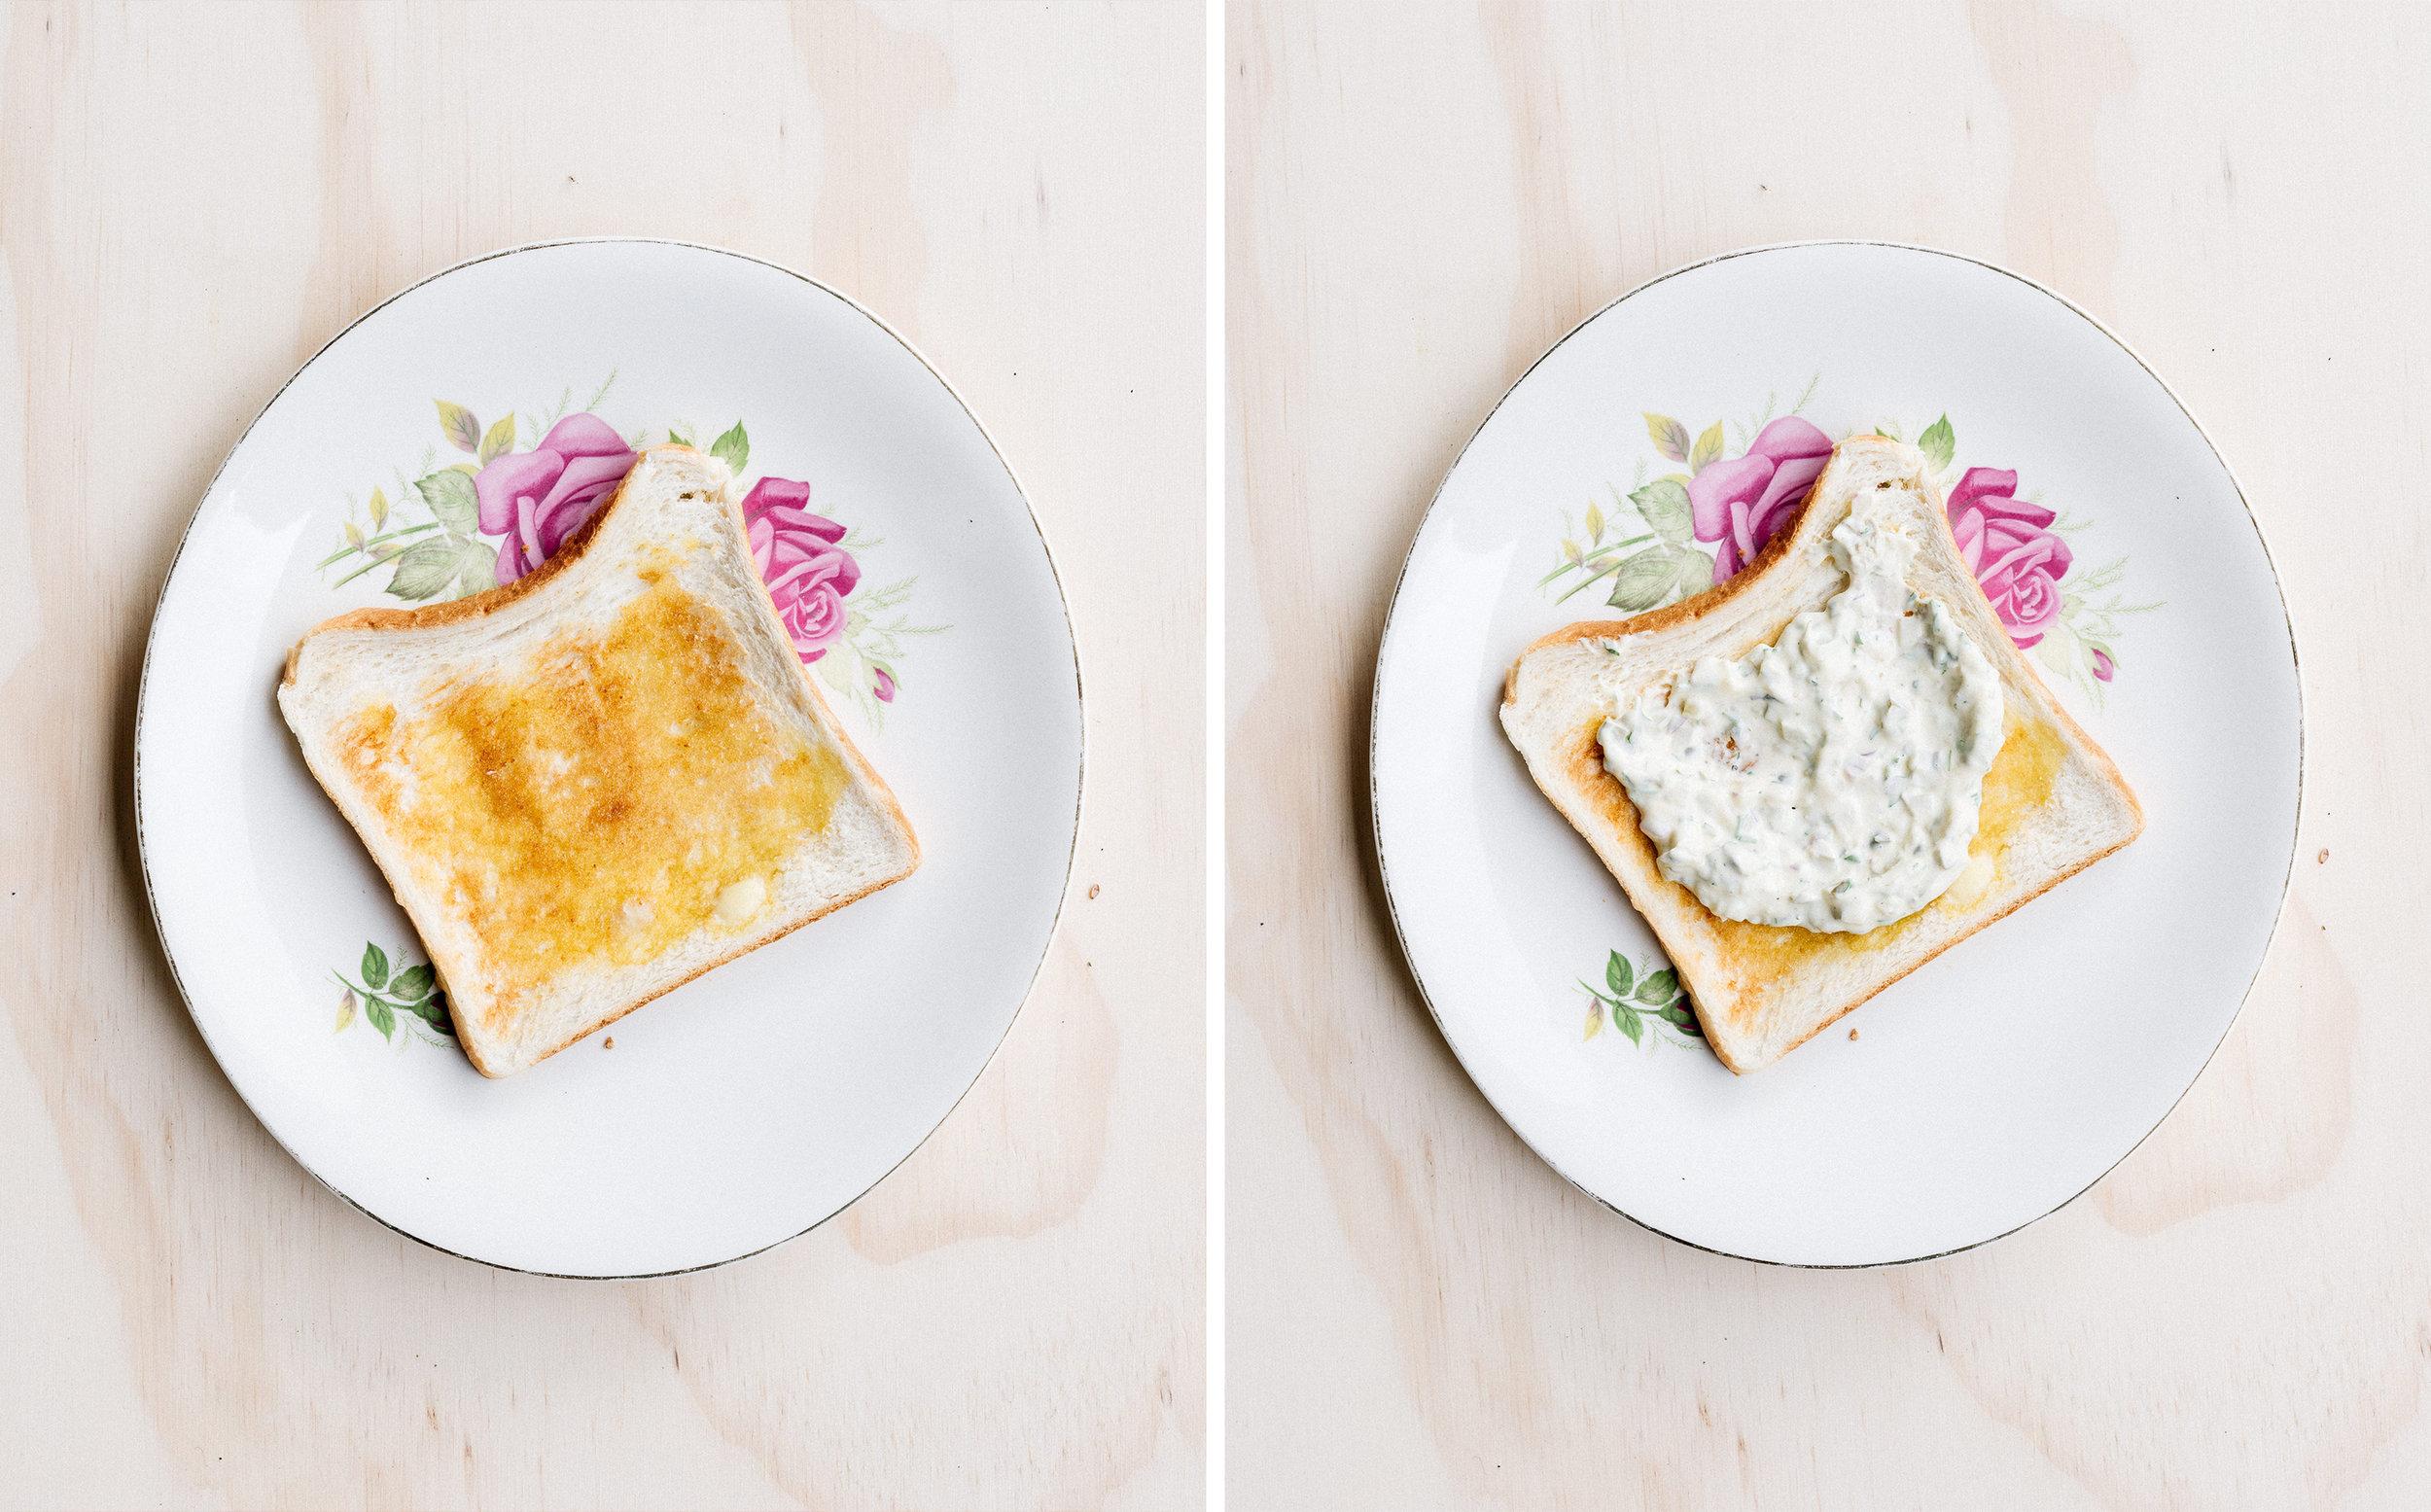 Al-Brown-Eat-Up-NZ-Cookbook-Josh-Griggs-Photographer-Splits-14.jpg